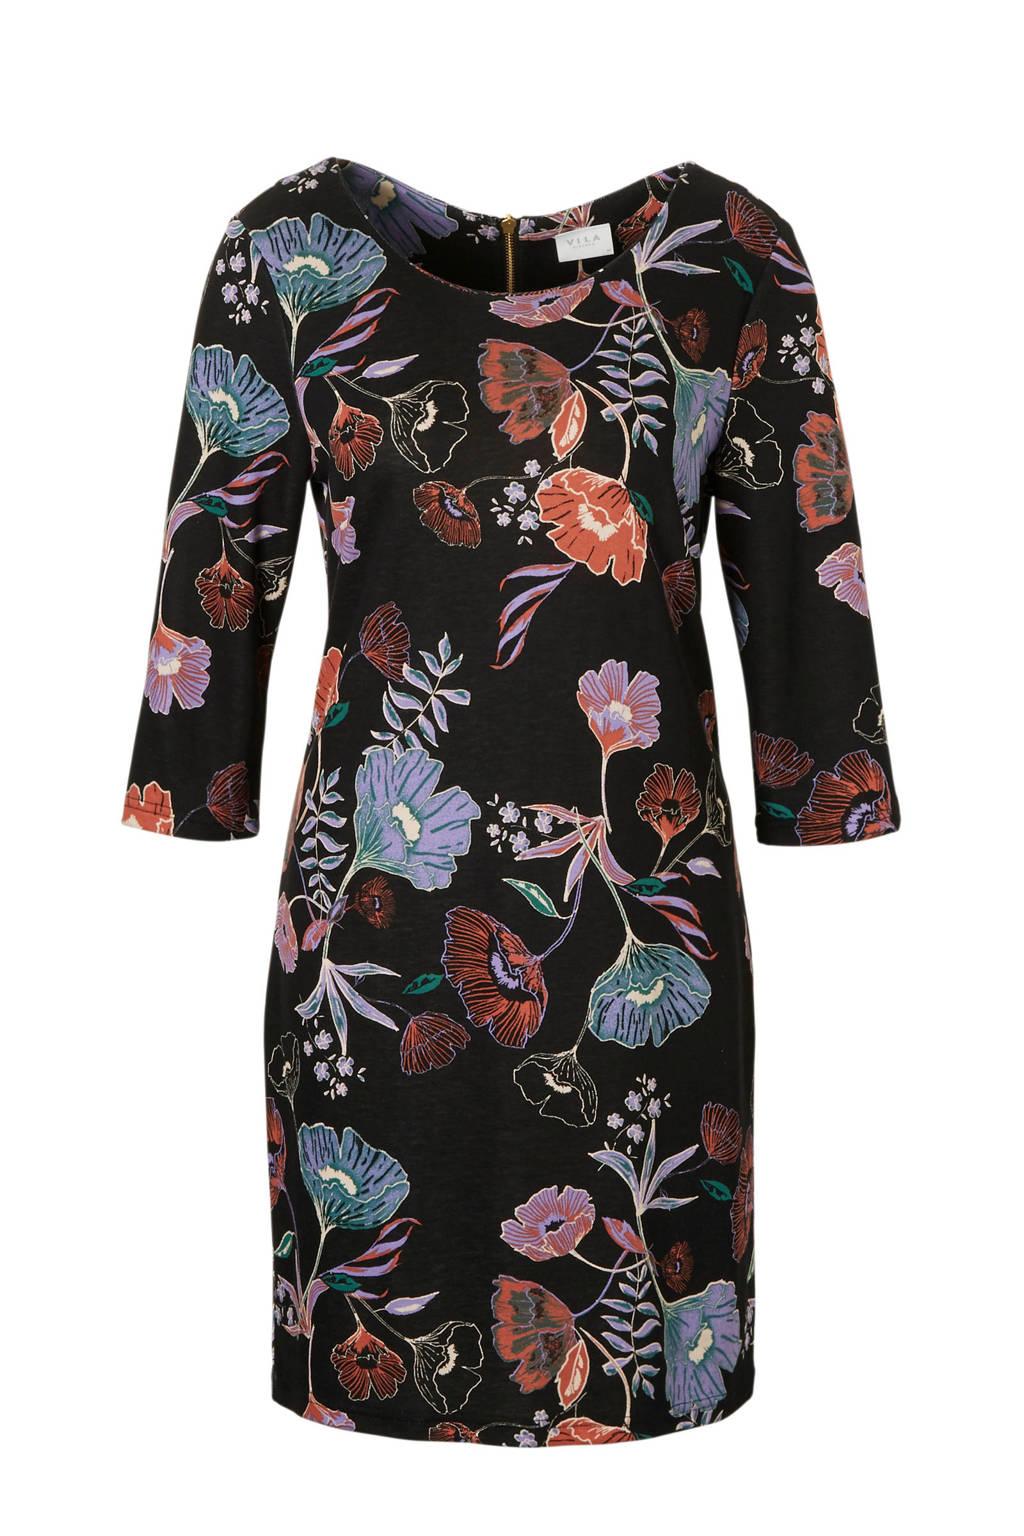 VILA gebloemde jurk, Zwart/blauw/roze